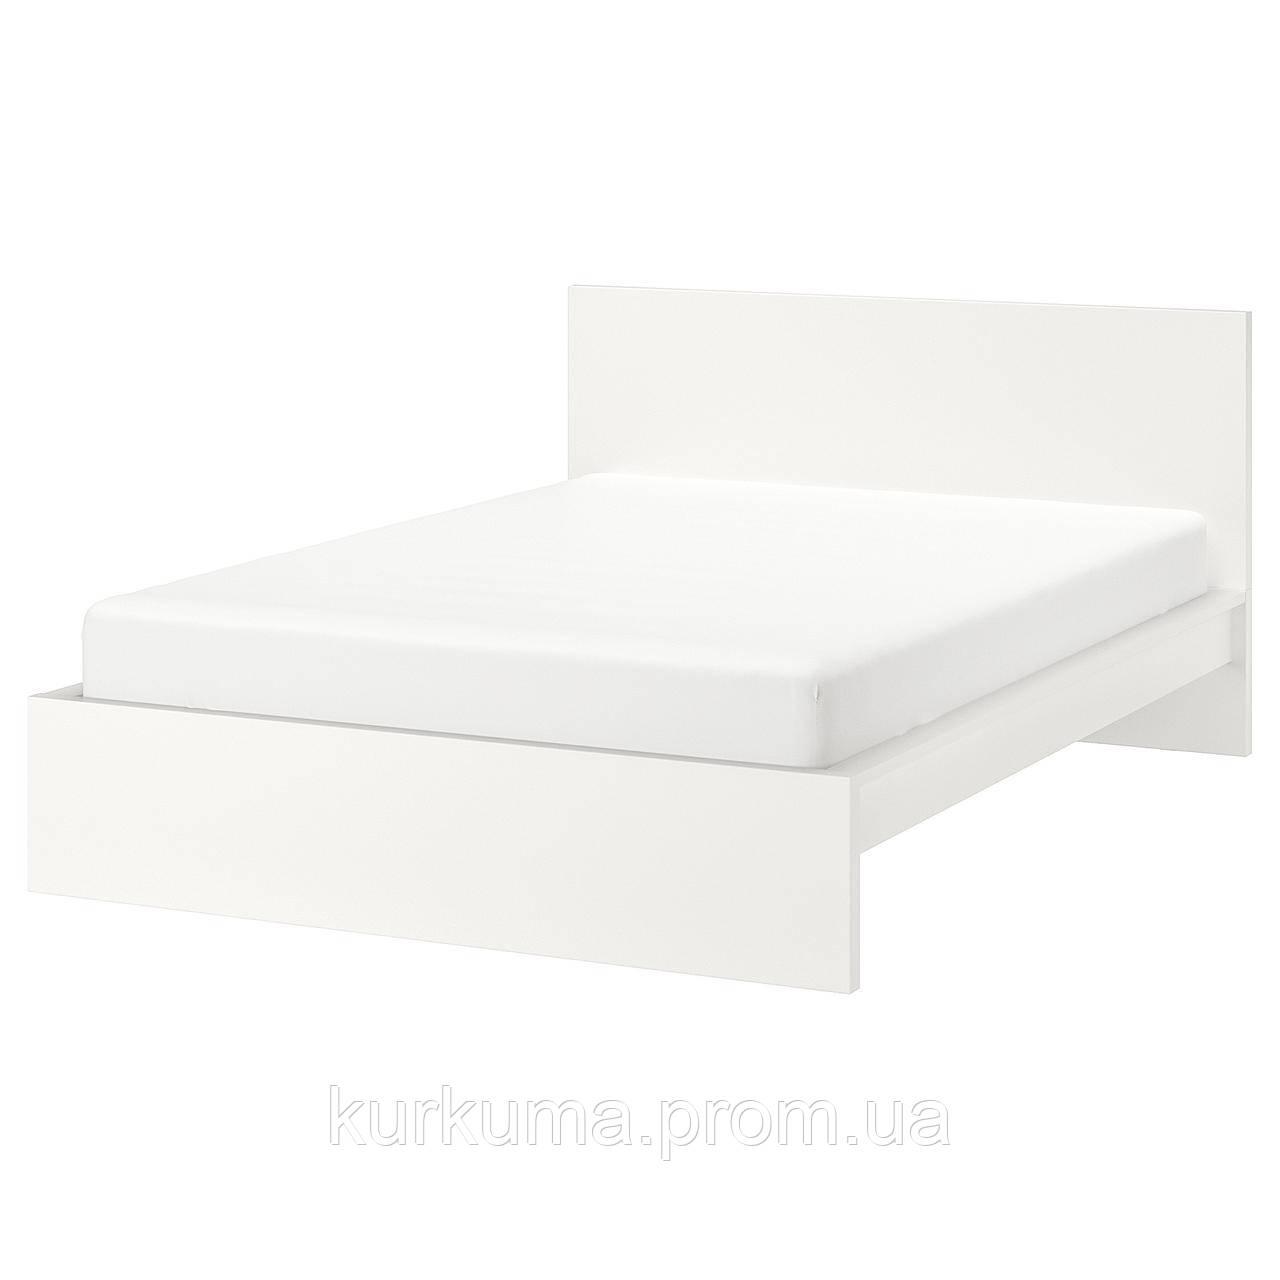 IKEA MALM Кровать высокая, белый  (099.293.73)